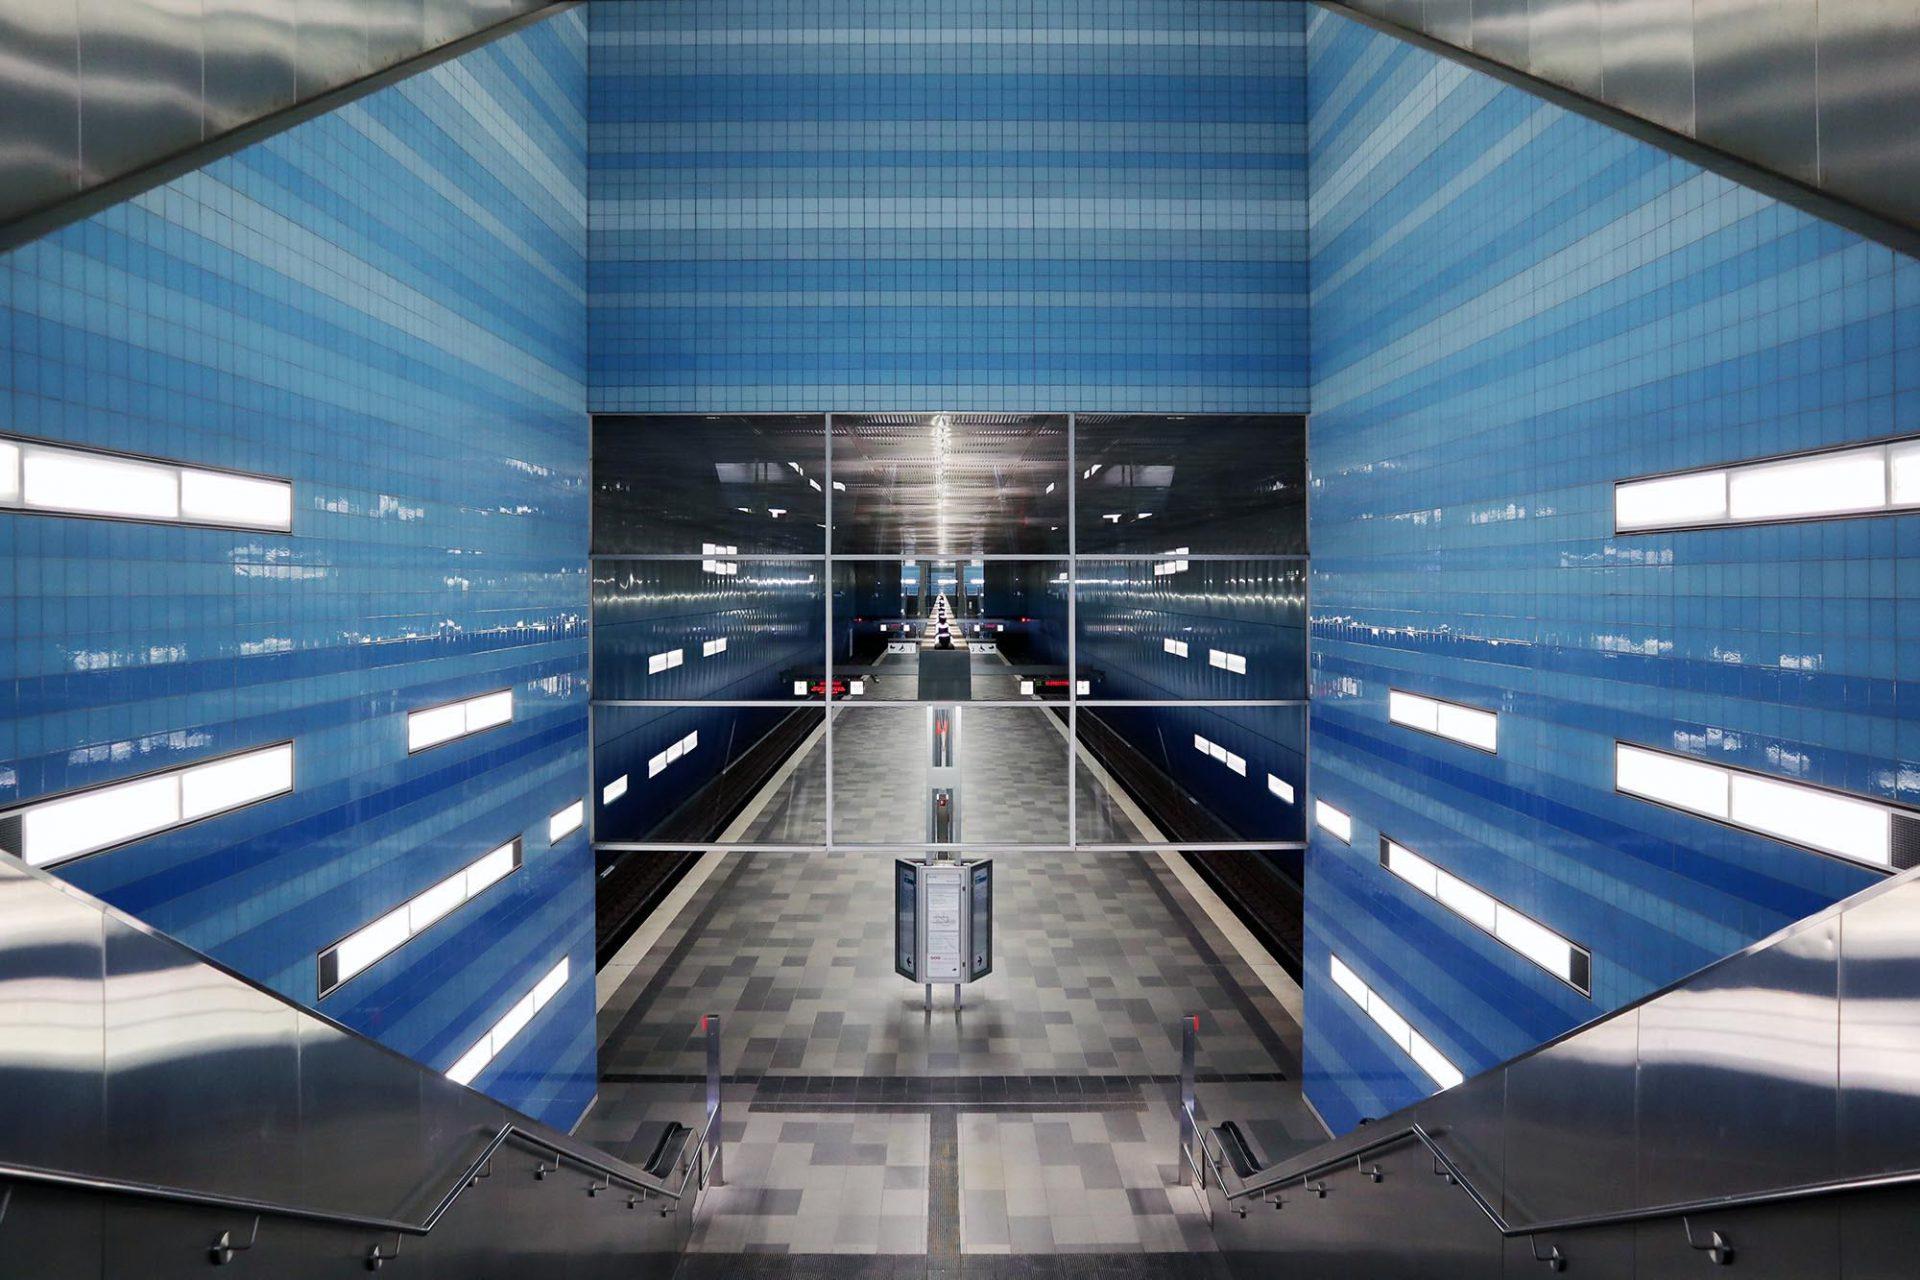 U-Bahnhof Überseequartier. Entwurf: netzwerkarchitekten. Fertigstellung: 2012. Die Darmstädter Architekten inszenierten den Bahnhof wie eine abstrakte Unterwasserwelt. Die Decke am Bahnhof ist aus Edelstahlkassetten mit Lochung, die an die Bewegung einer Wasseroberfläche erinnern sollen. Die Wandverkleidung ist aus Edelstahl, digital bedruckt mit einem Blauverlauf. Der Bodenbelag ist aus Betonwerkstein, der an eine helle Sandbank angelehnt ist.